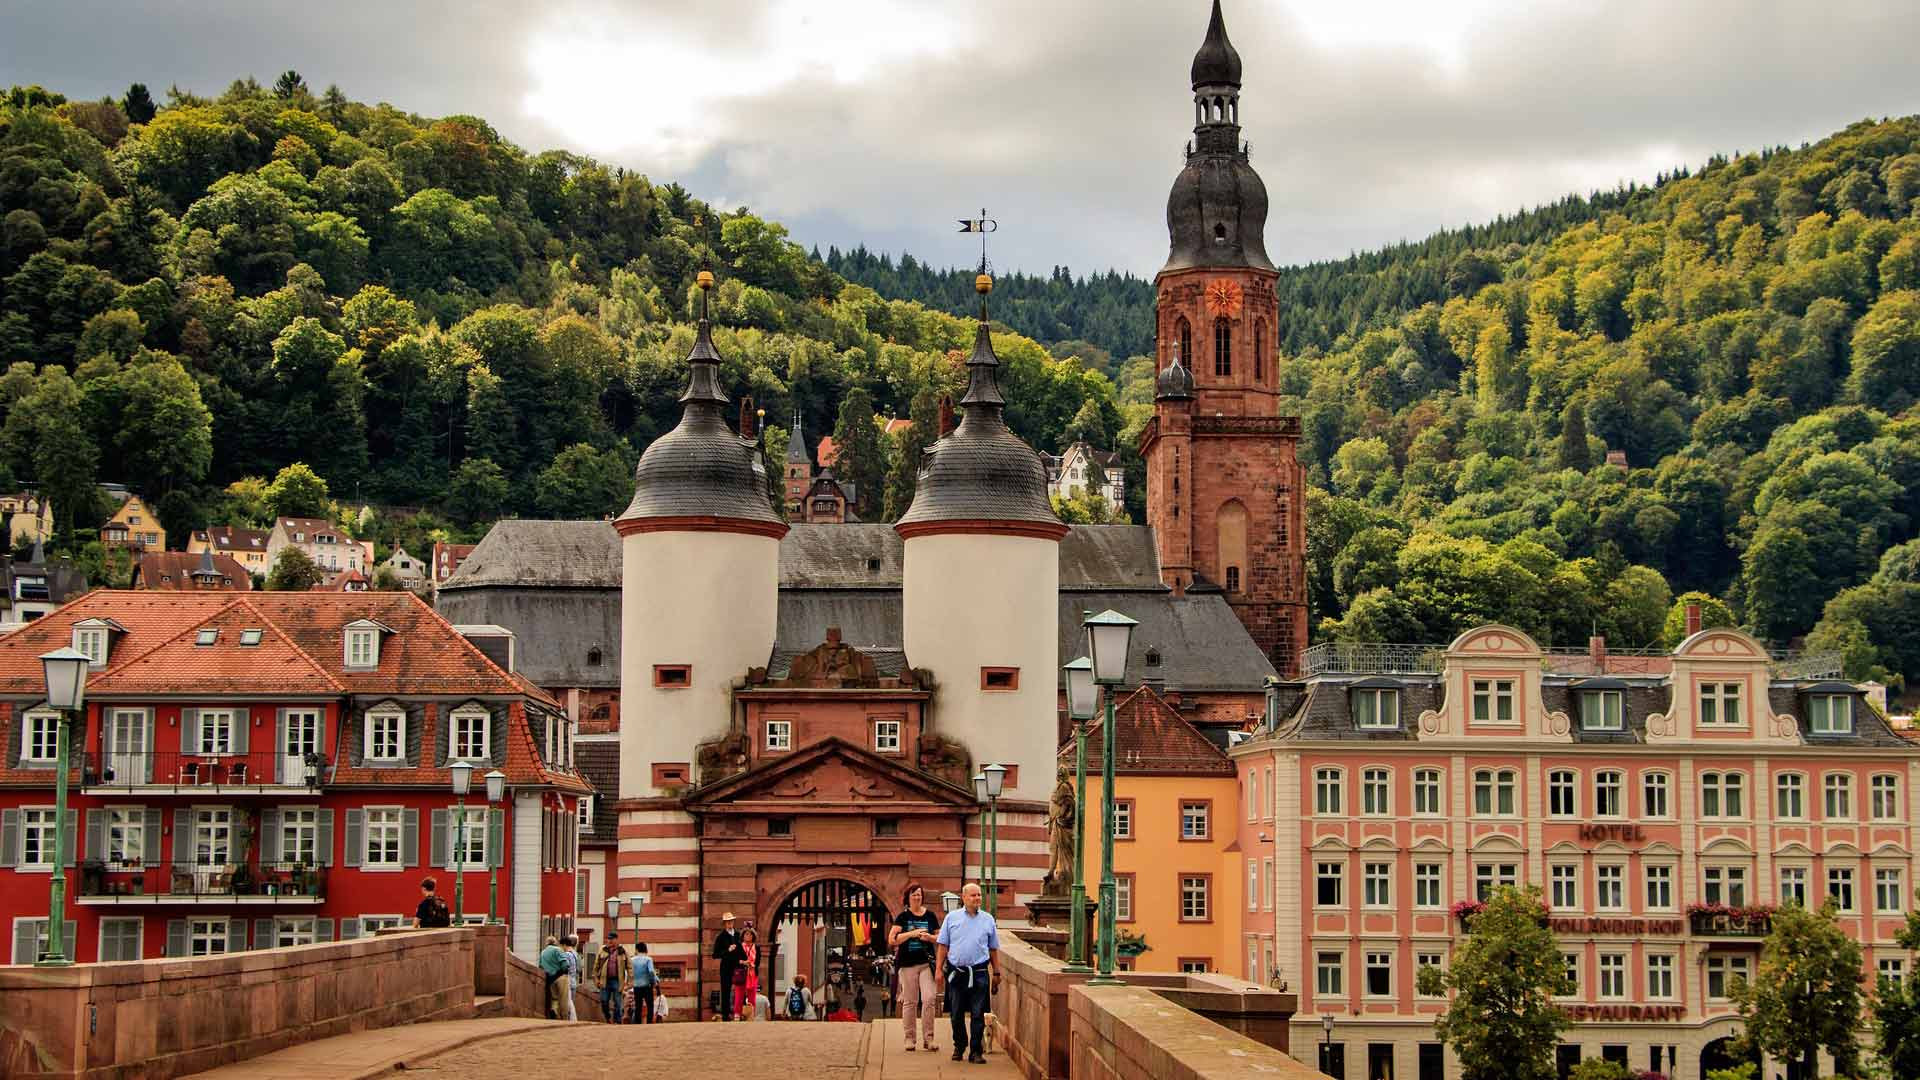 De brug over de Neckar in de beroemde stad Heidelberg.